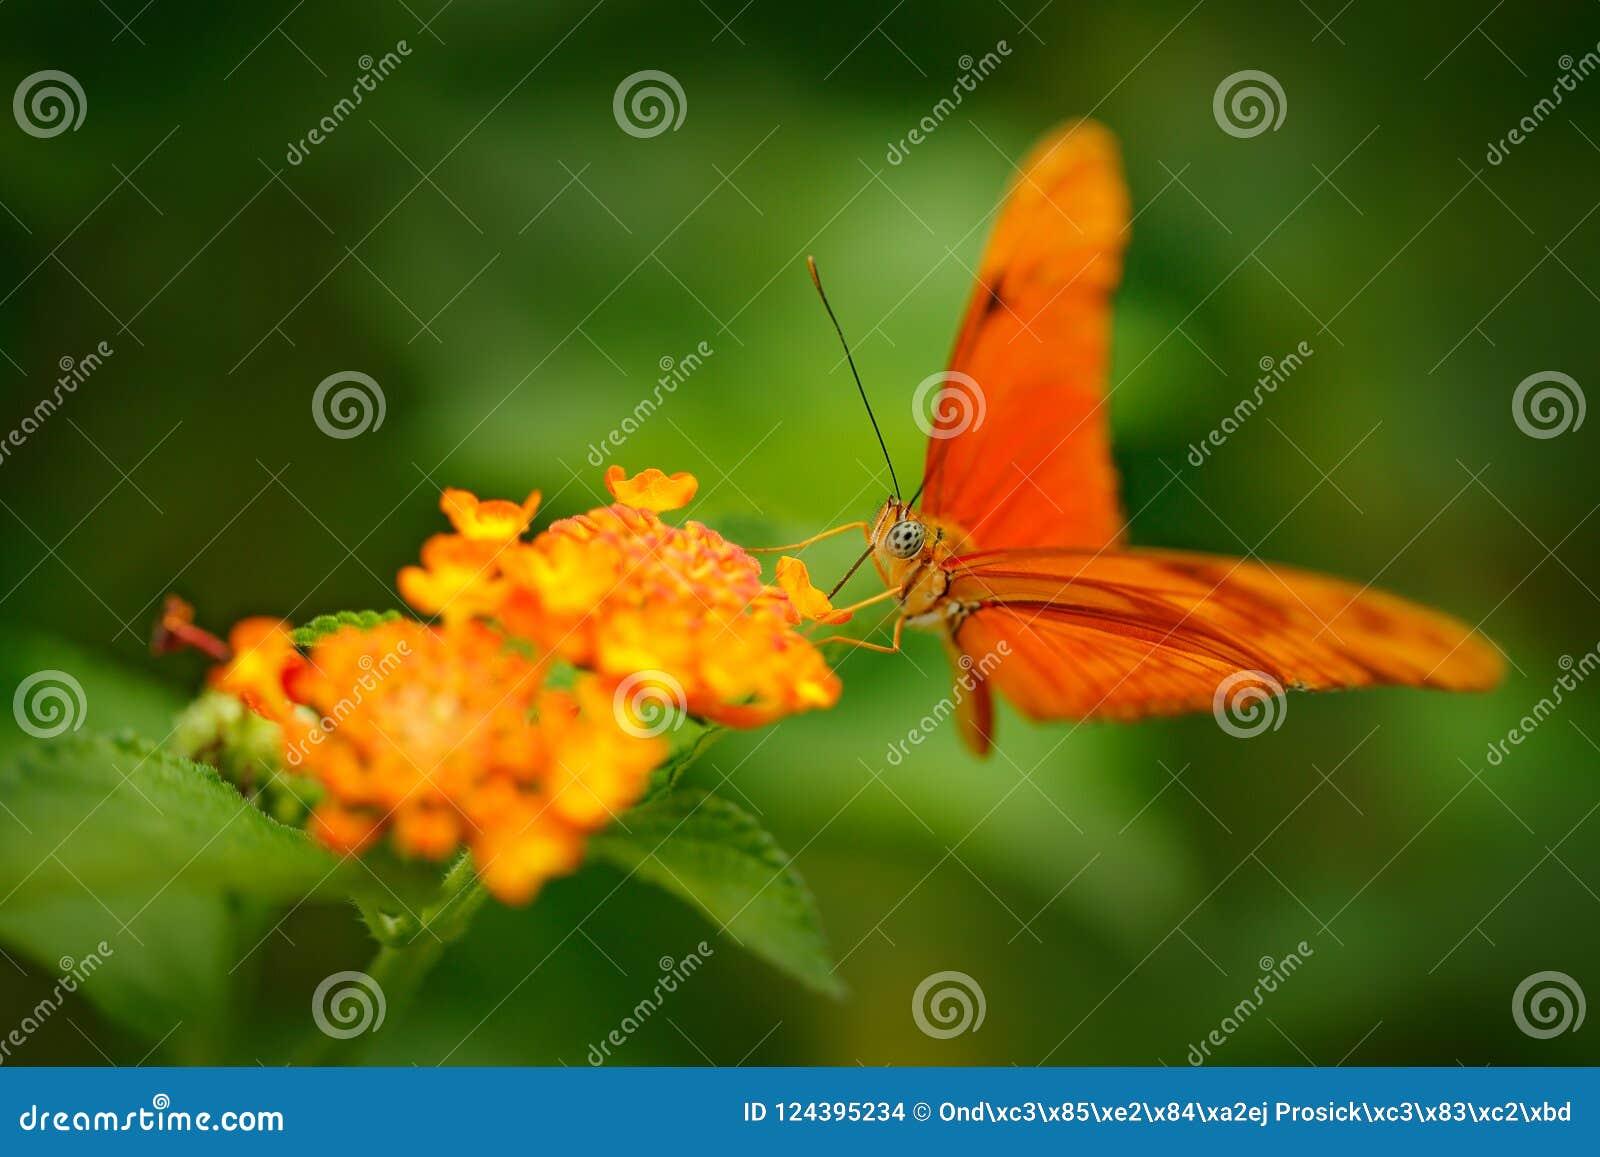 新仙女木iulia,被拼写的茱莉亚heliconian,在自然栖所 从哥斯达黎加的好的昆虫绿色森林橙色蝴蝶sittin的